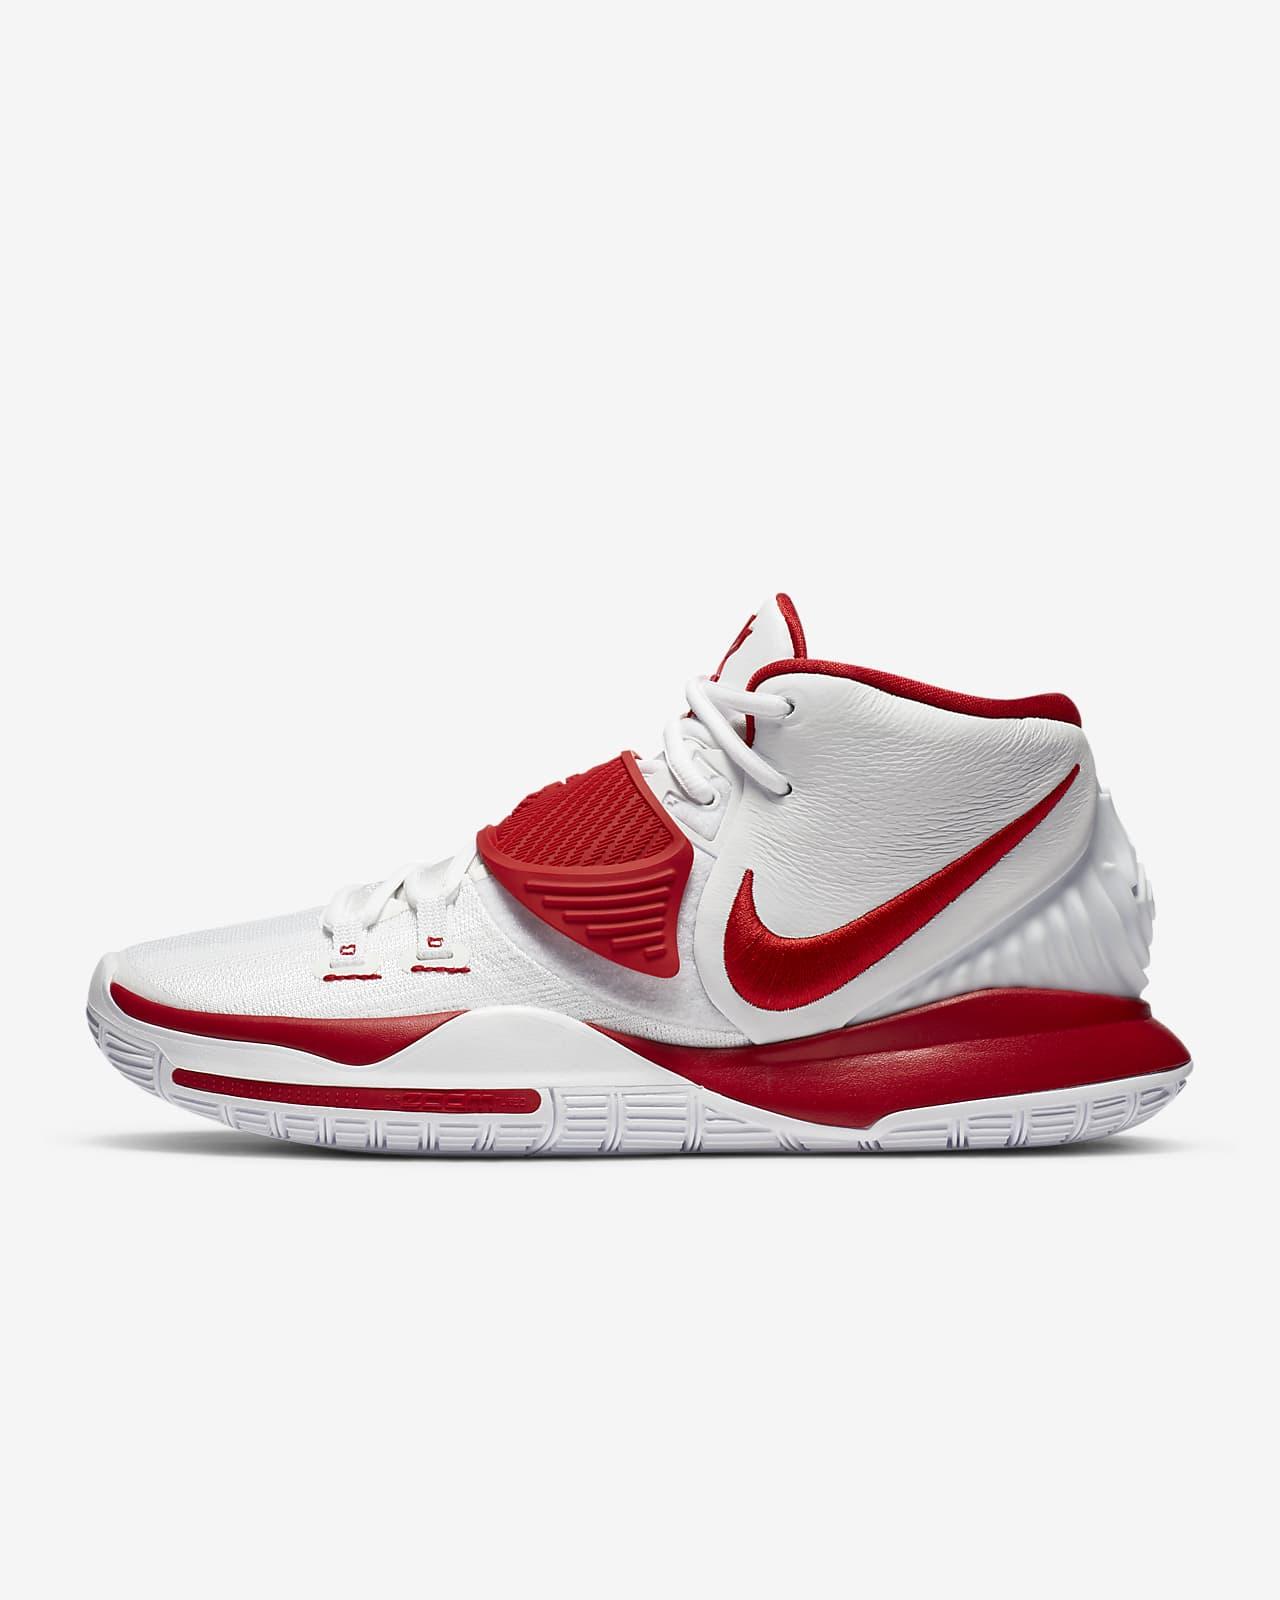 Kyrie 6 (球隊版) EP 籃球鞋